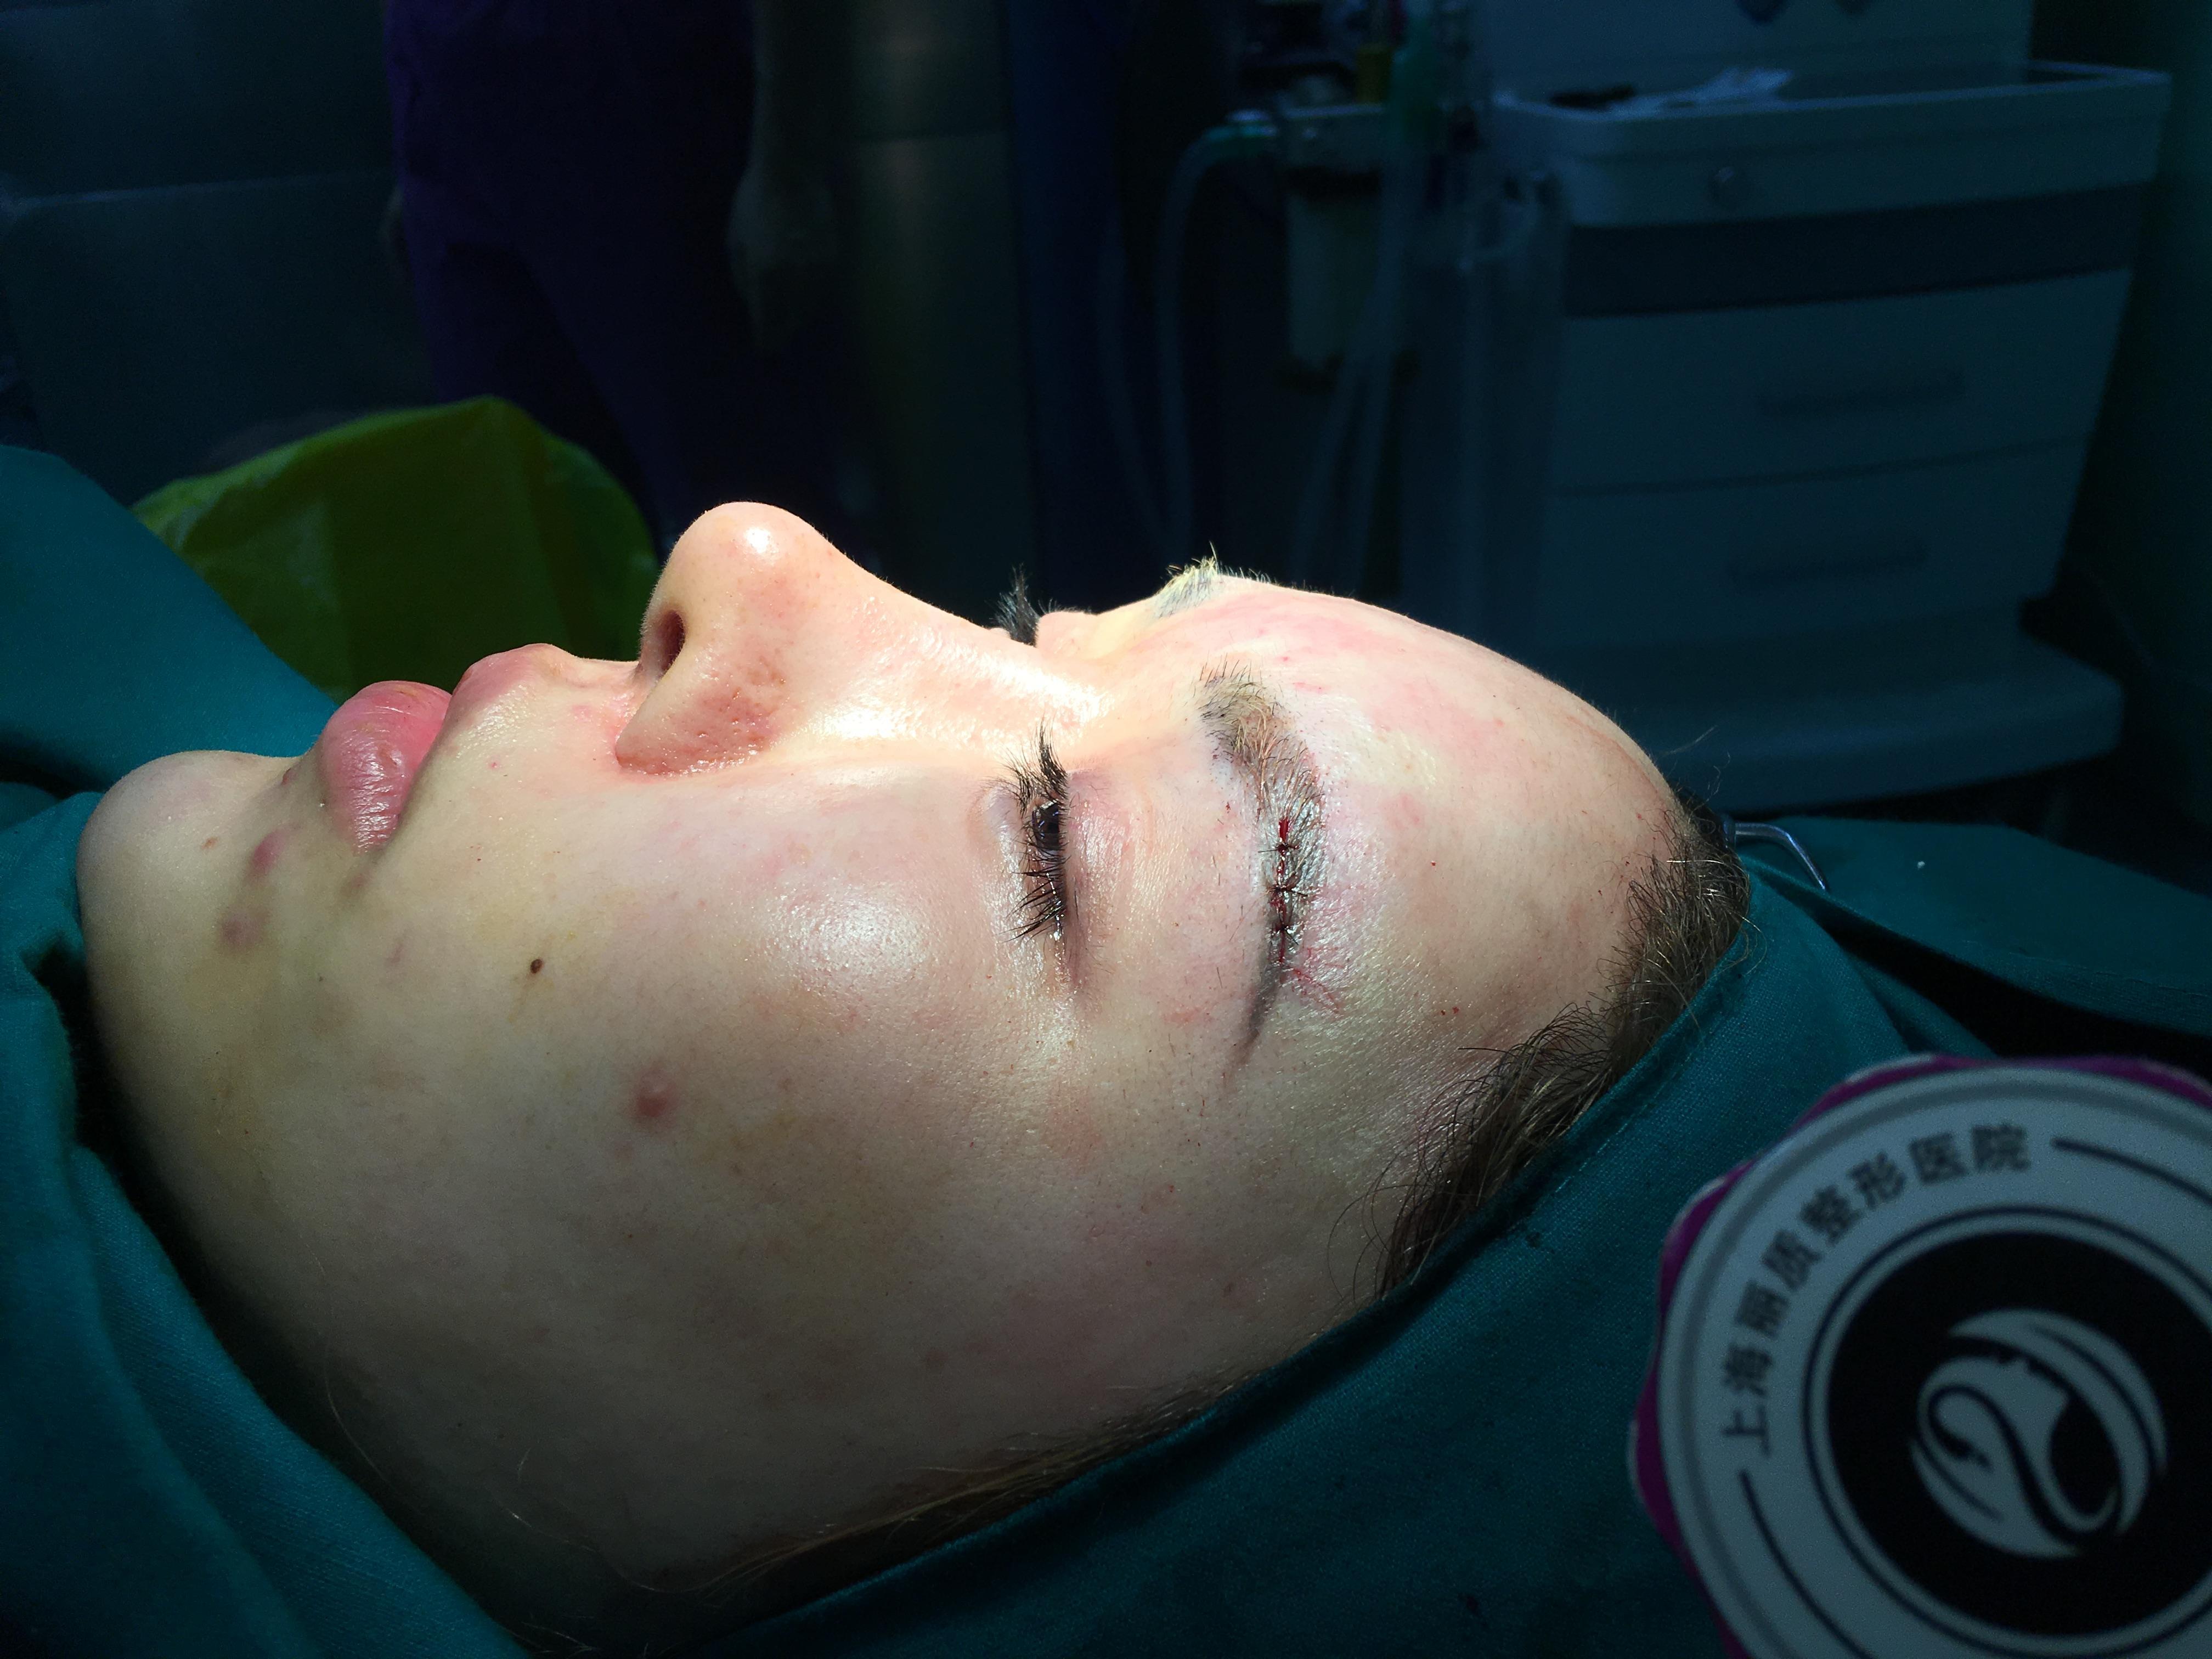 以前眉弓可以说是没有的,额头打的全是玻尿酸,可能是下滑了,然后跑到眉毛上了,反正就是不是很好看了,感觉眉弓配不上我的大脑门和鼻子。网上查了一下,假体丰眉弓真的是很稀有了,连百度百科都没有,然后就上网搜索到了丽质的假体丰眉弓,本来做眉弓的就真的好少了,综合对比了几家,最后还是来了丽质。网上说是硅胶比较重,然后又有可能会压眼睛压神经什么的,跟鼻子是不一样的,在眉毛上放个东西,还是要慎重选择的。到了医院,面诊医生也说,膨体更轻一点,融合性更好,更柔软,反正做都要做了,放个普通的也是放,放个好的也是放,体会是不一样的,所以就选择了膨体。准备手术。见了卢院长,人非常好的,很和蔼的赶脚,问了我想要的感觉,我说我要夸张,夸张,夸张的。。打麻药真的是很疼!!但是过程是无感的,手术做完了让我看了一下效果,两个眉毛有点形状不一样的,卢院长很耐心,又让我躺下来给我调了好久,然后又让我看,我感觉可以了,手术才结束 。